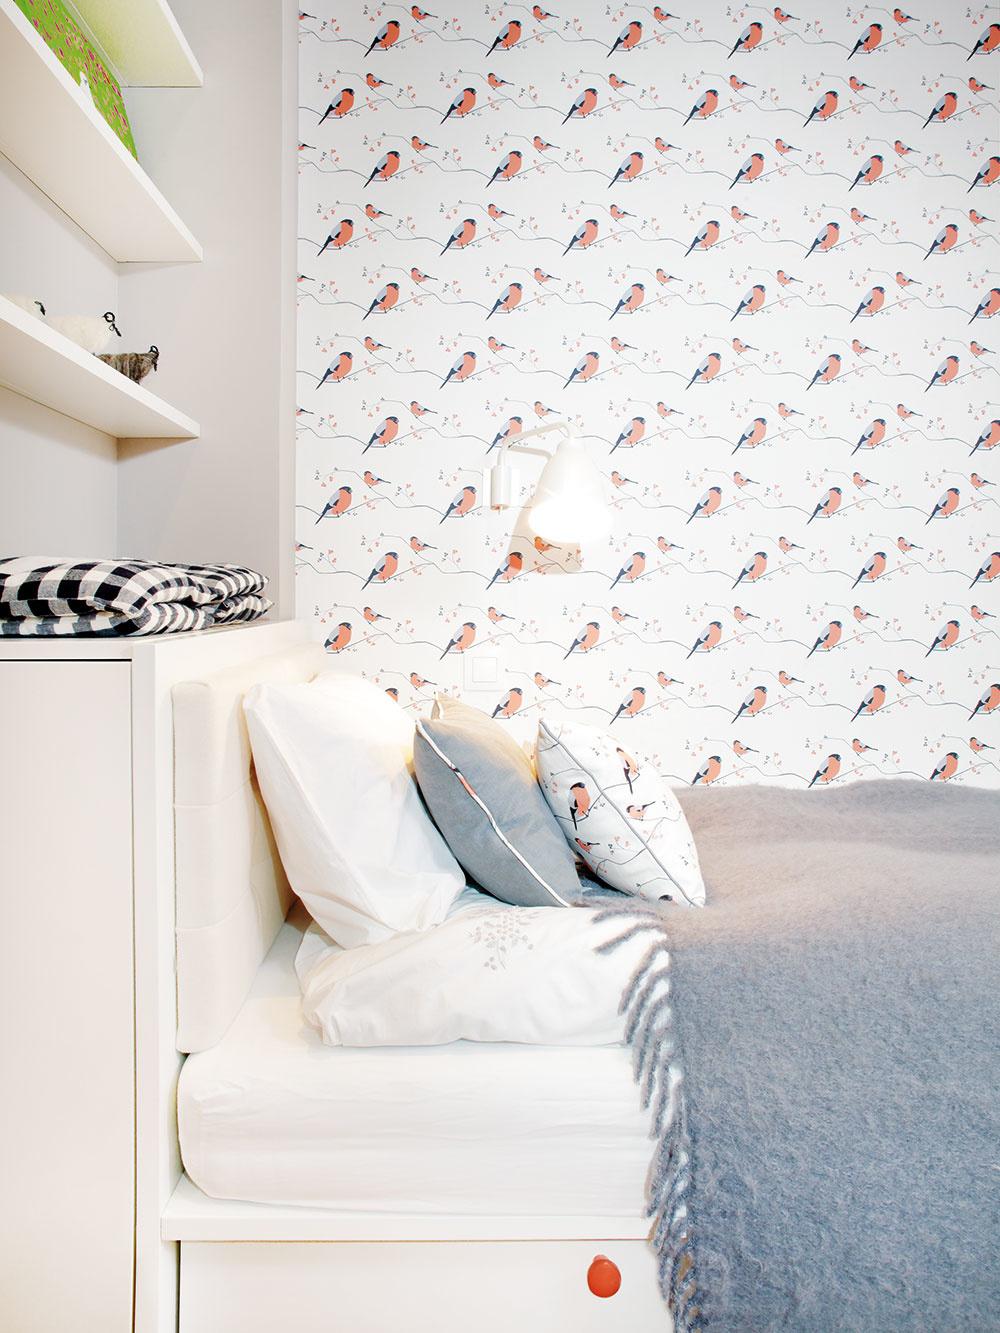 Detská izba nefunguje ako každodenný domov, ale slúži deťom len príležitostne, takže aj najmenšia miestnosť v byte na tento účel stačila. Aj tu je vybavenie koncipované s ohľadom na každý detail.